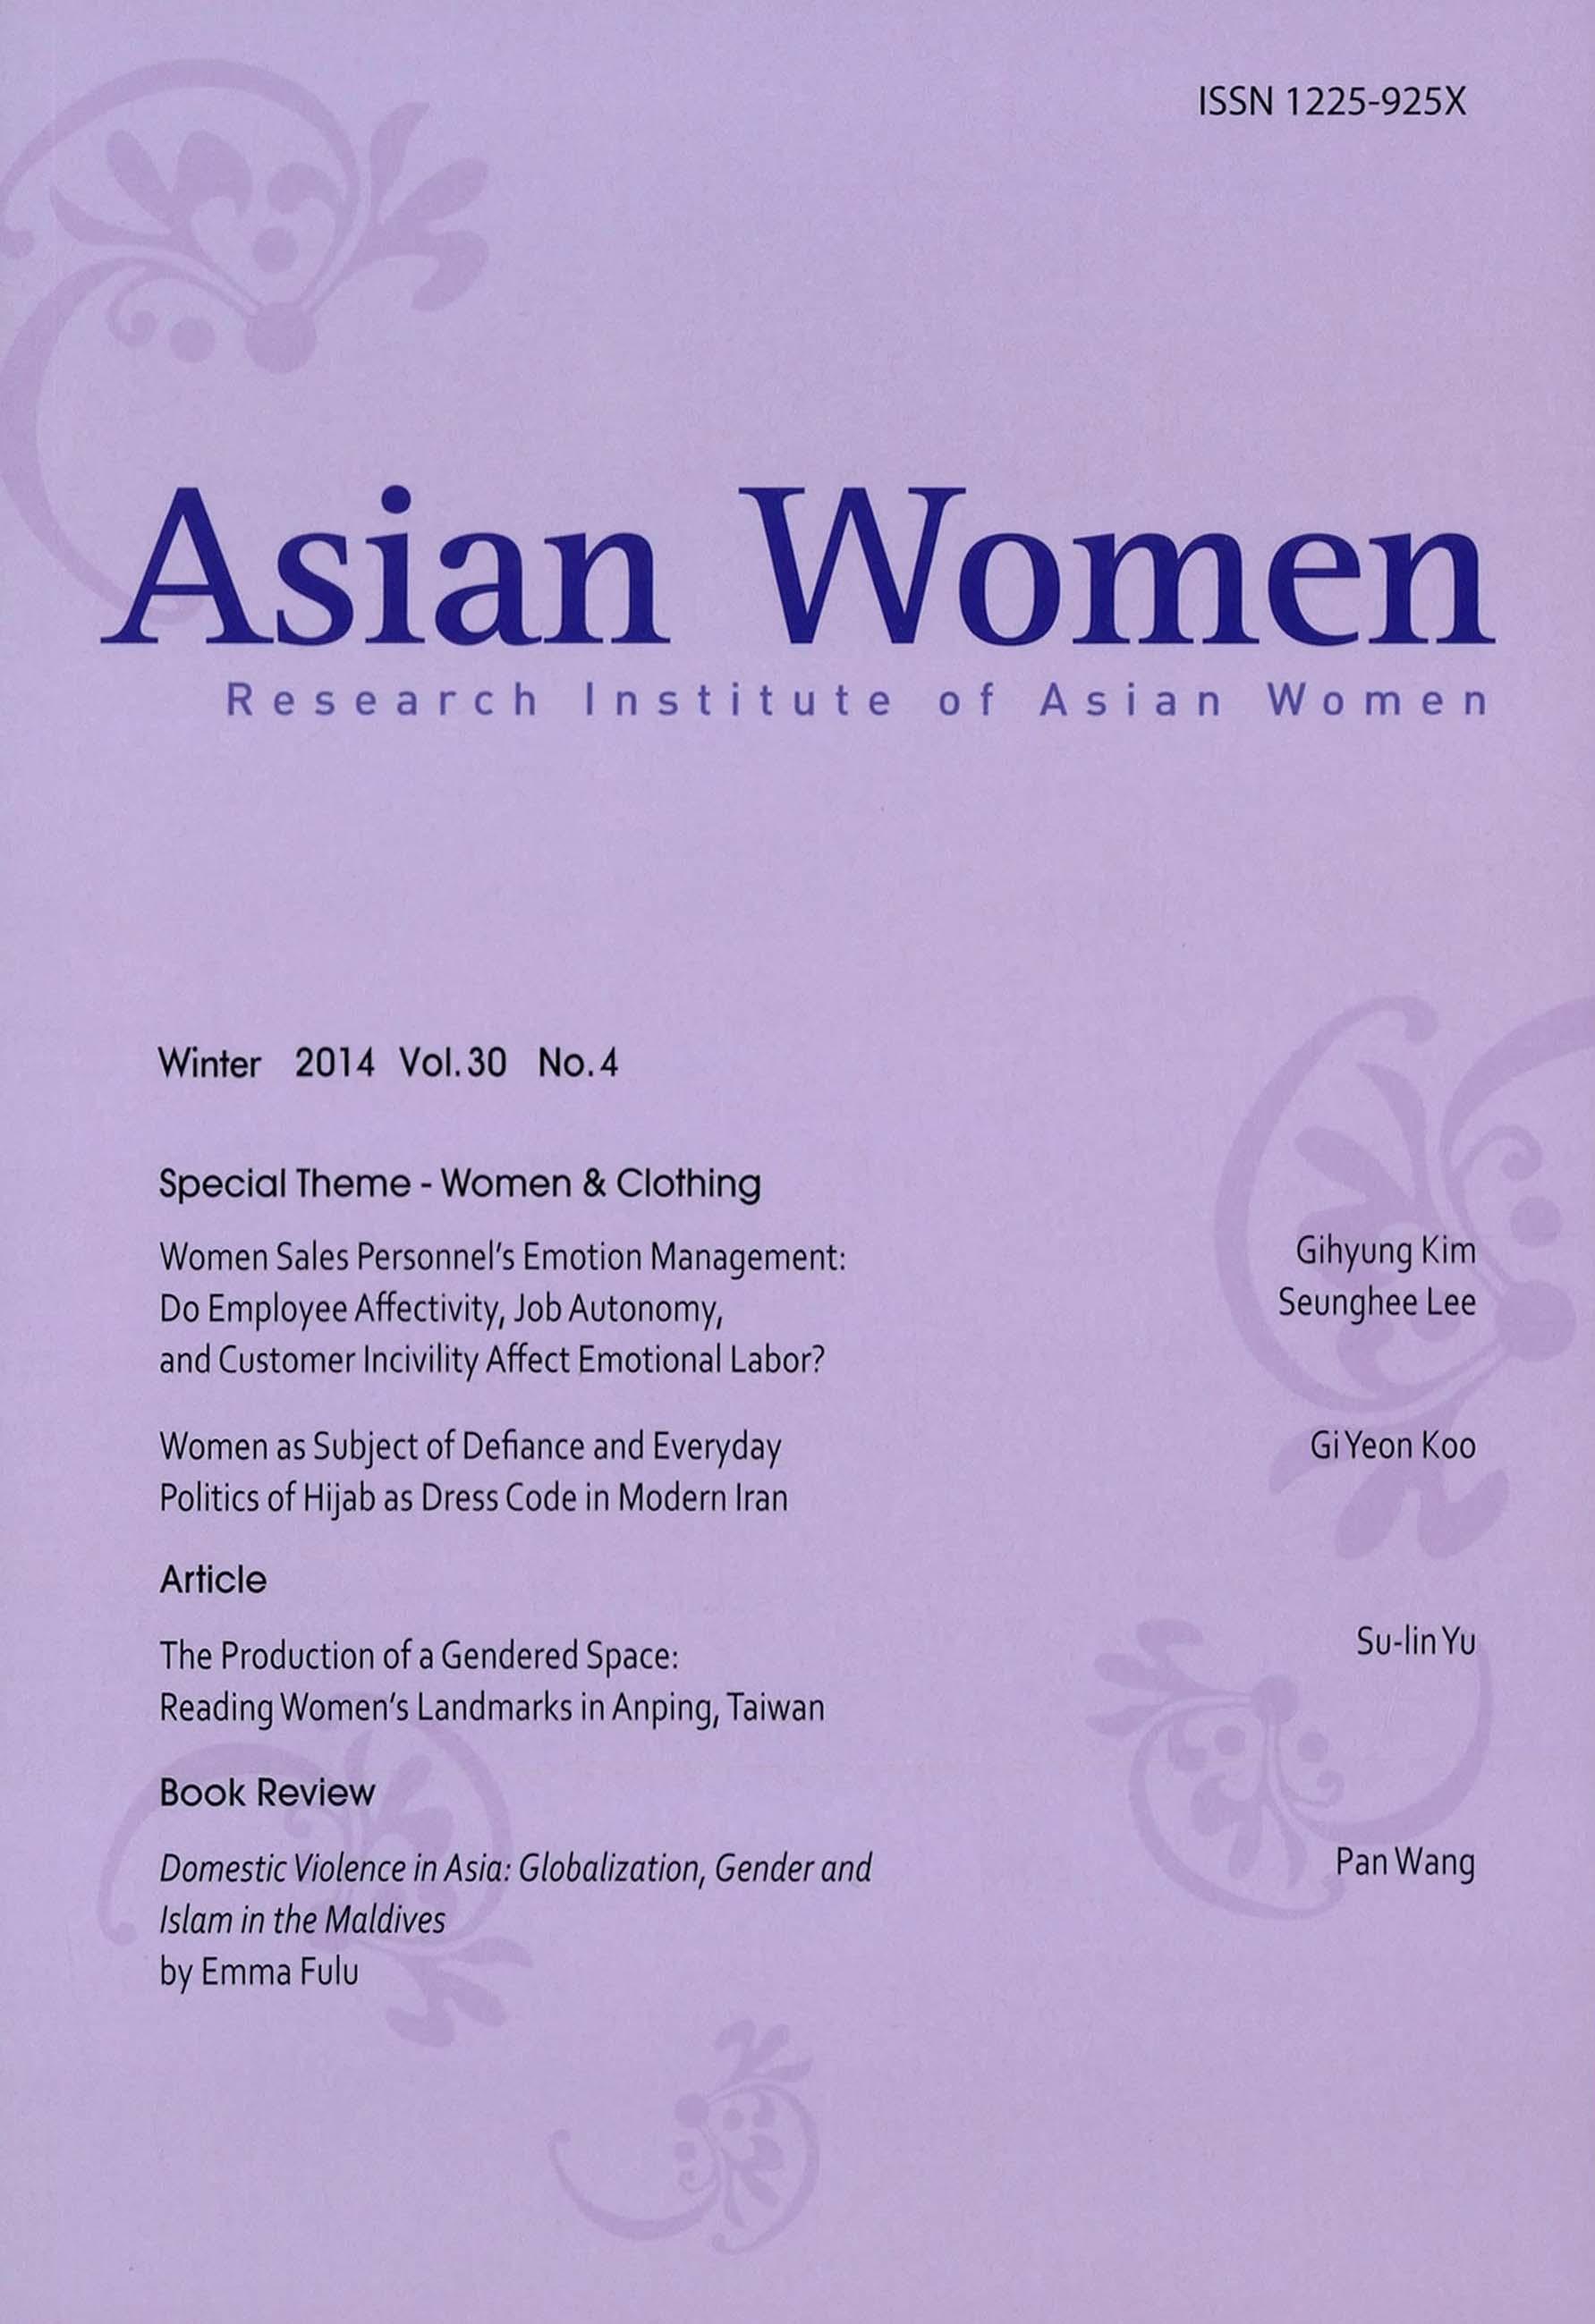 Asian Women Vol.30 No.4